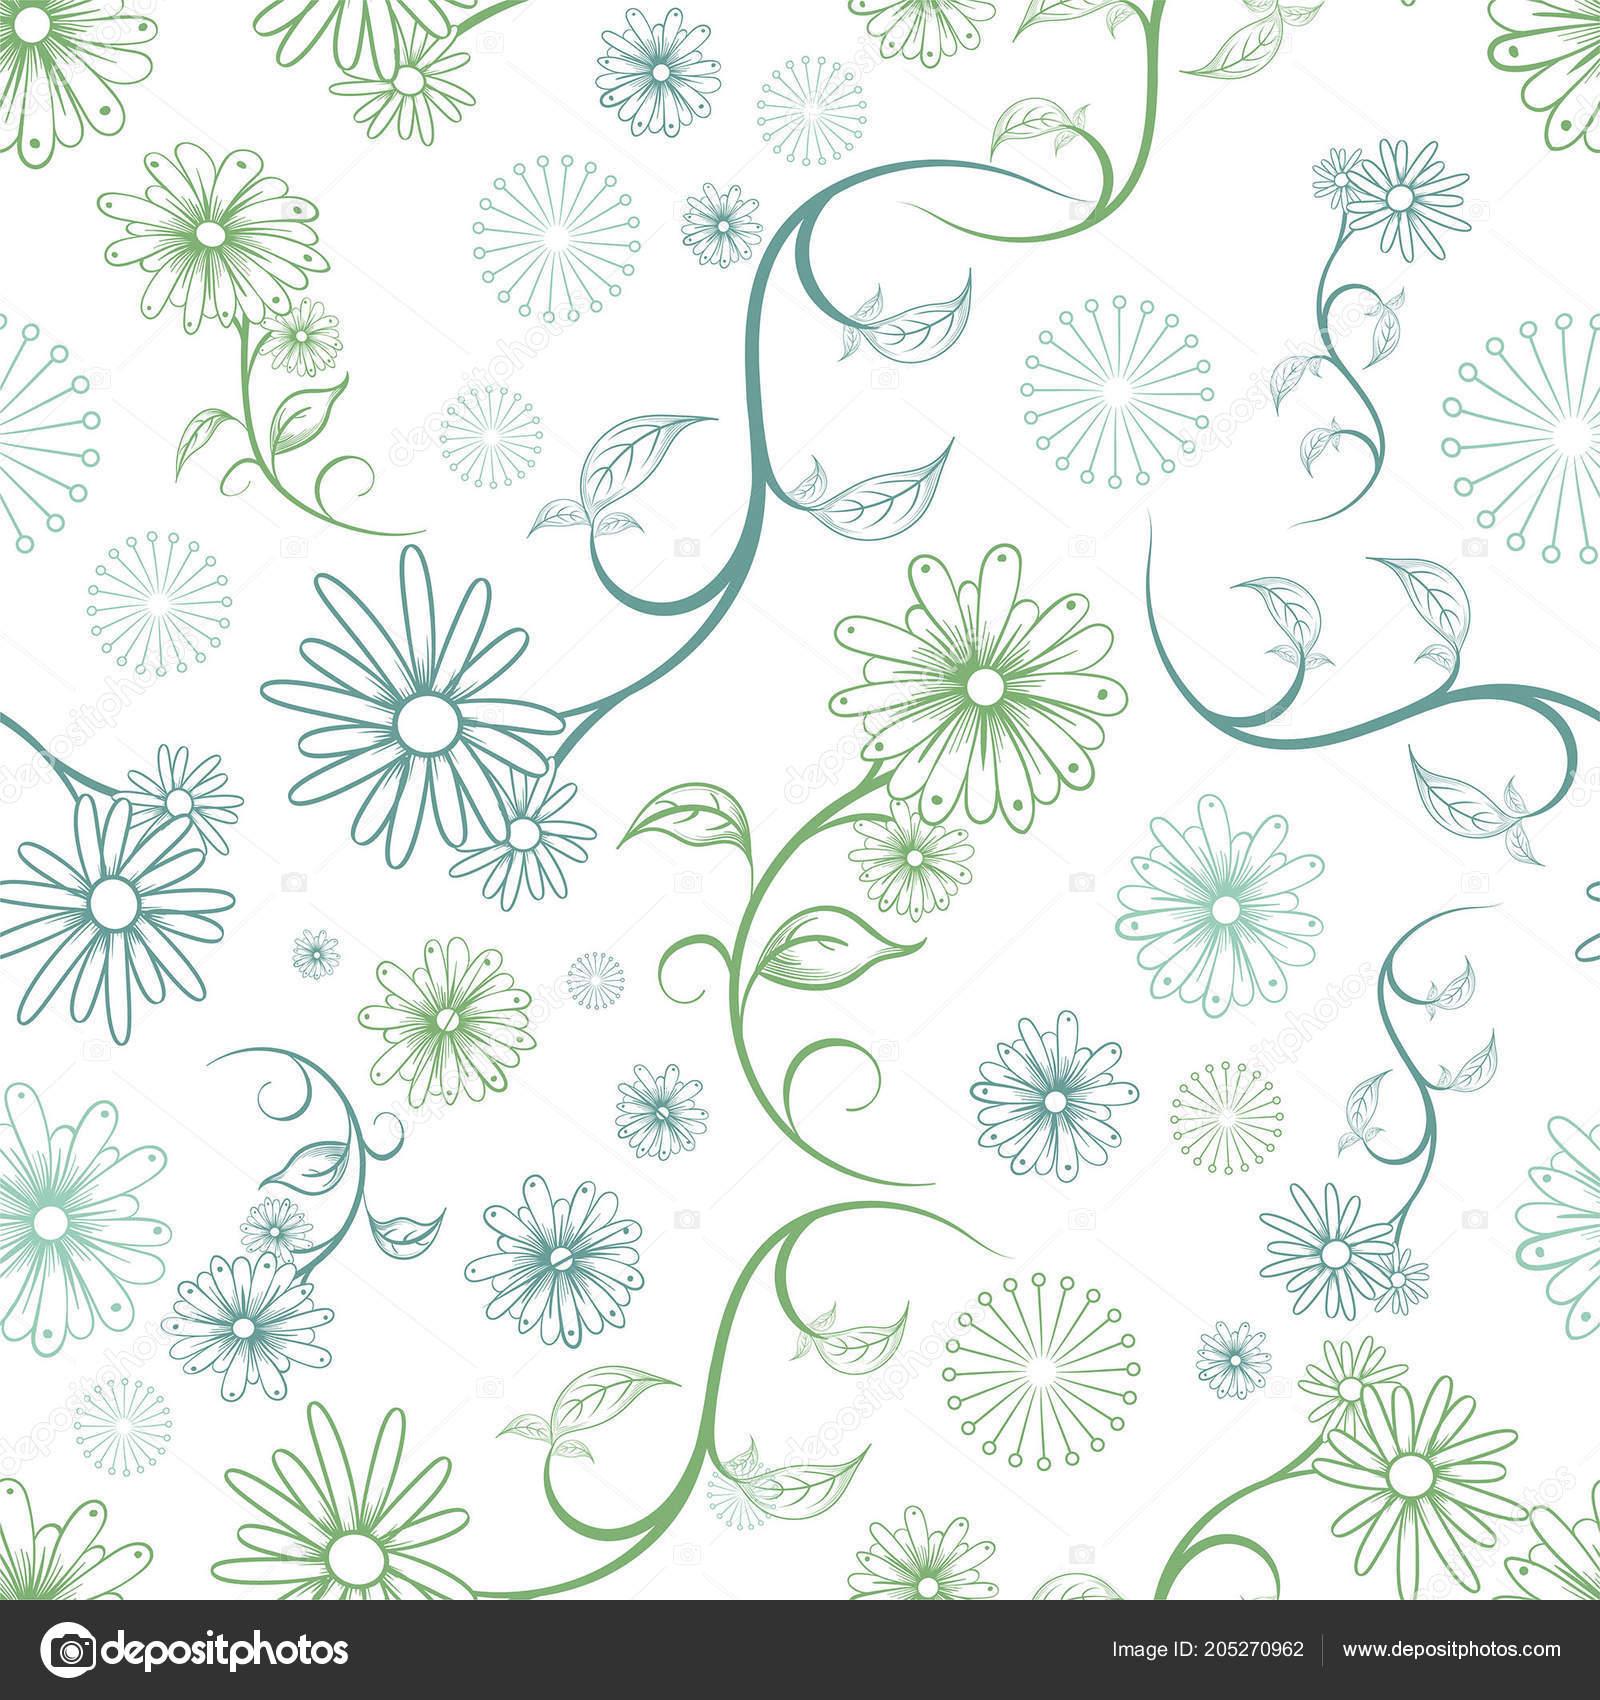 Kvetinovy Vzor Bezesve Vektorove Grafice Kresleni Aplikaci